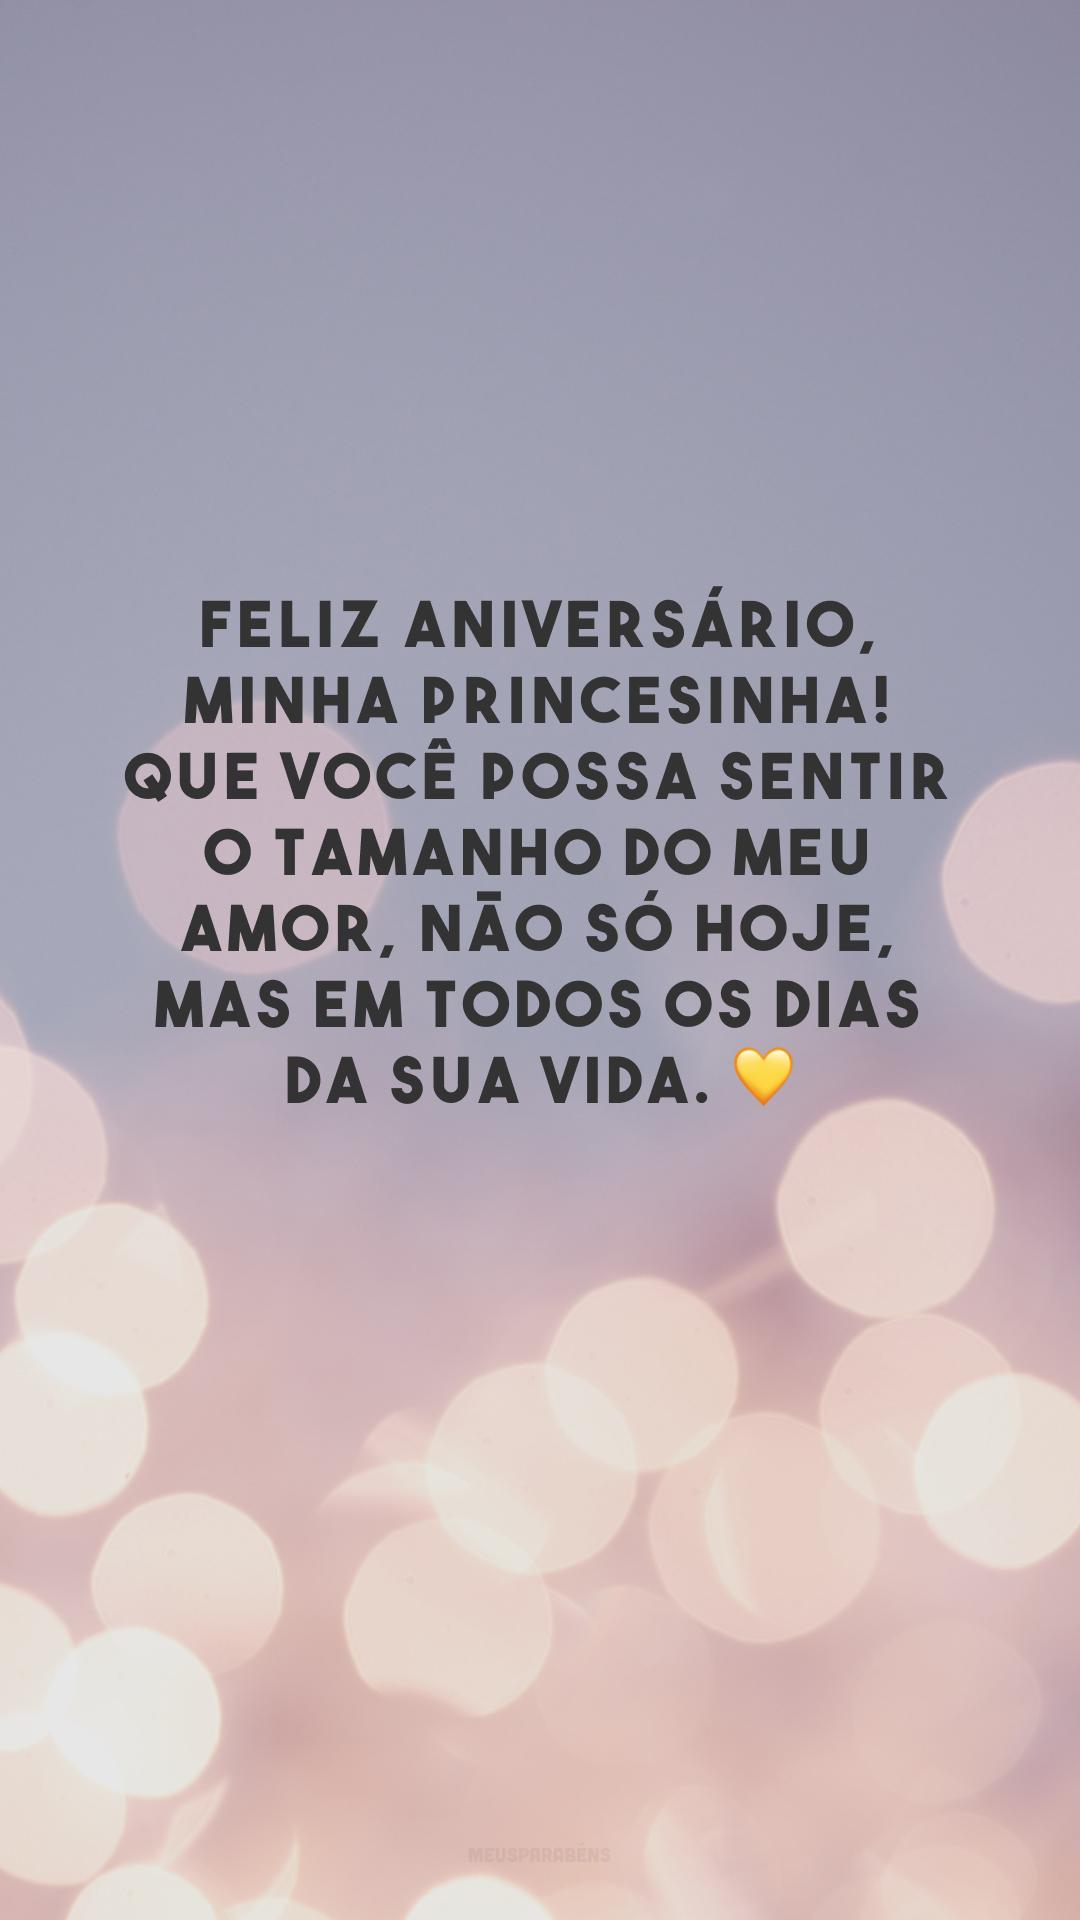 Feliz aniversário, minha princesinha! Que você possa sentir o tamanho do meu amor, não só hoje, mas em todos os dias da sua vida. 💛